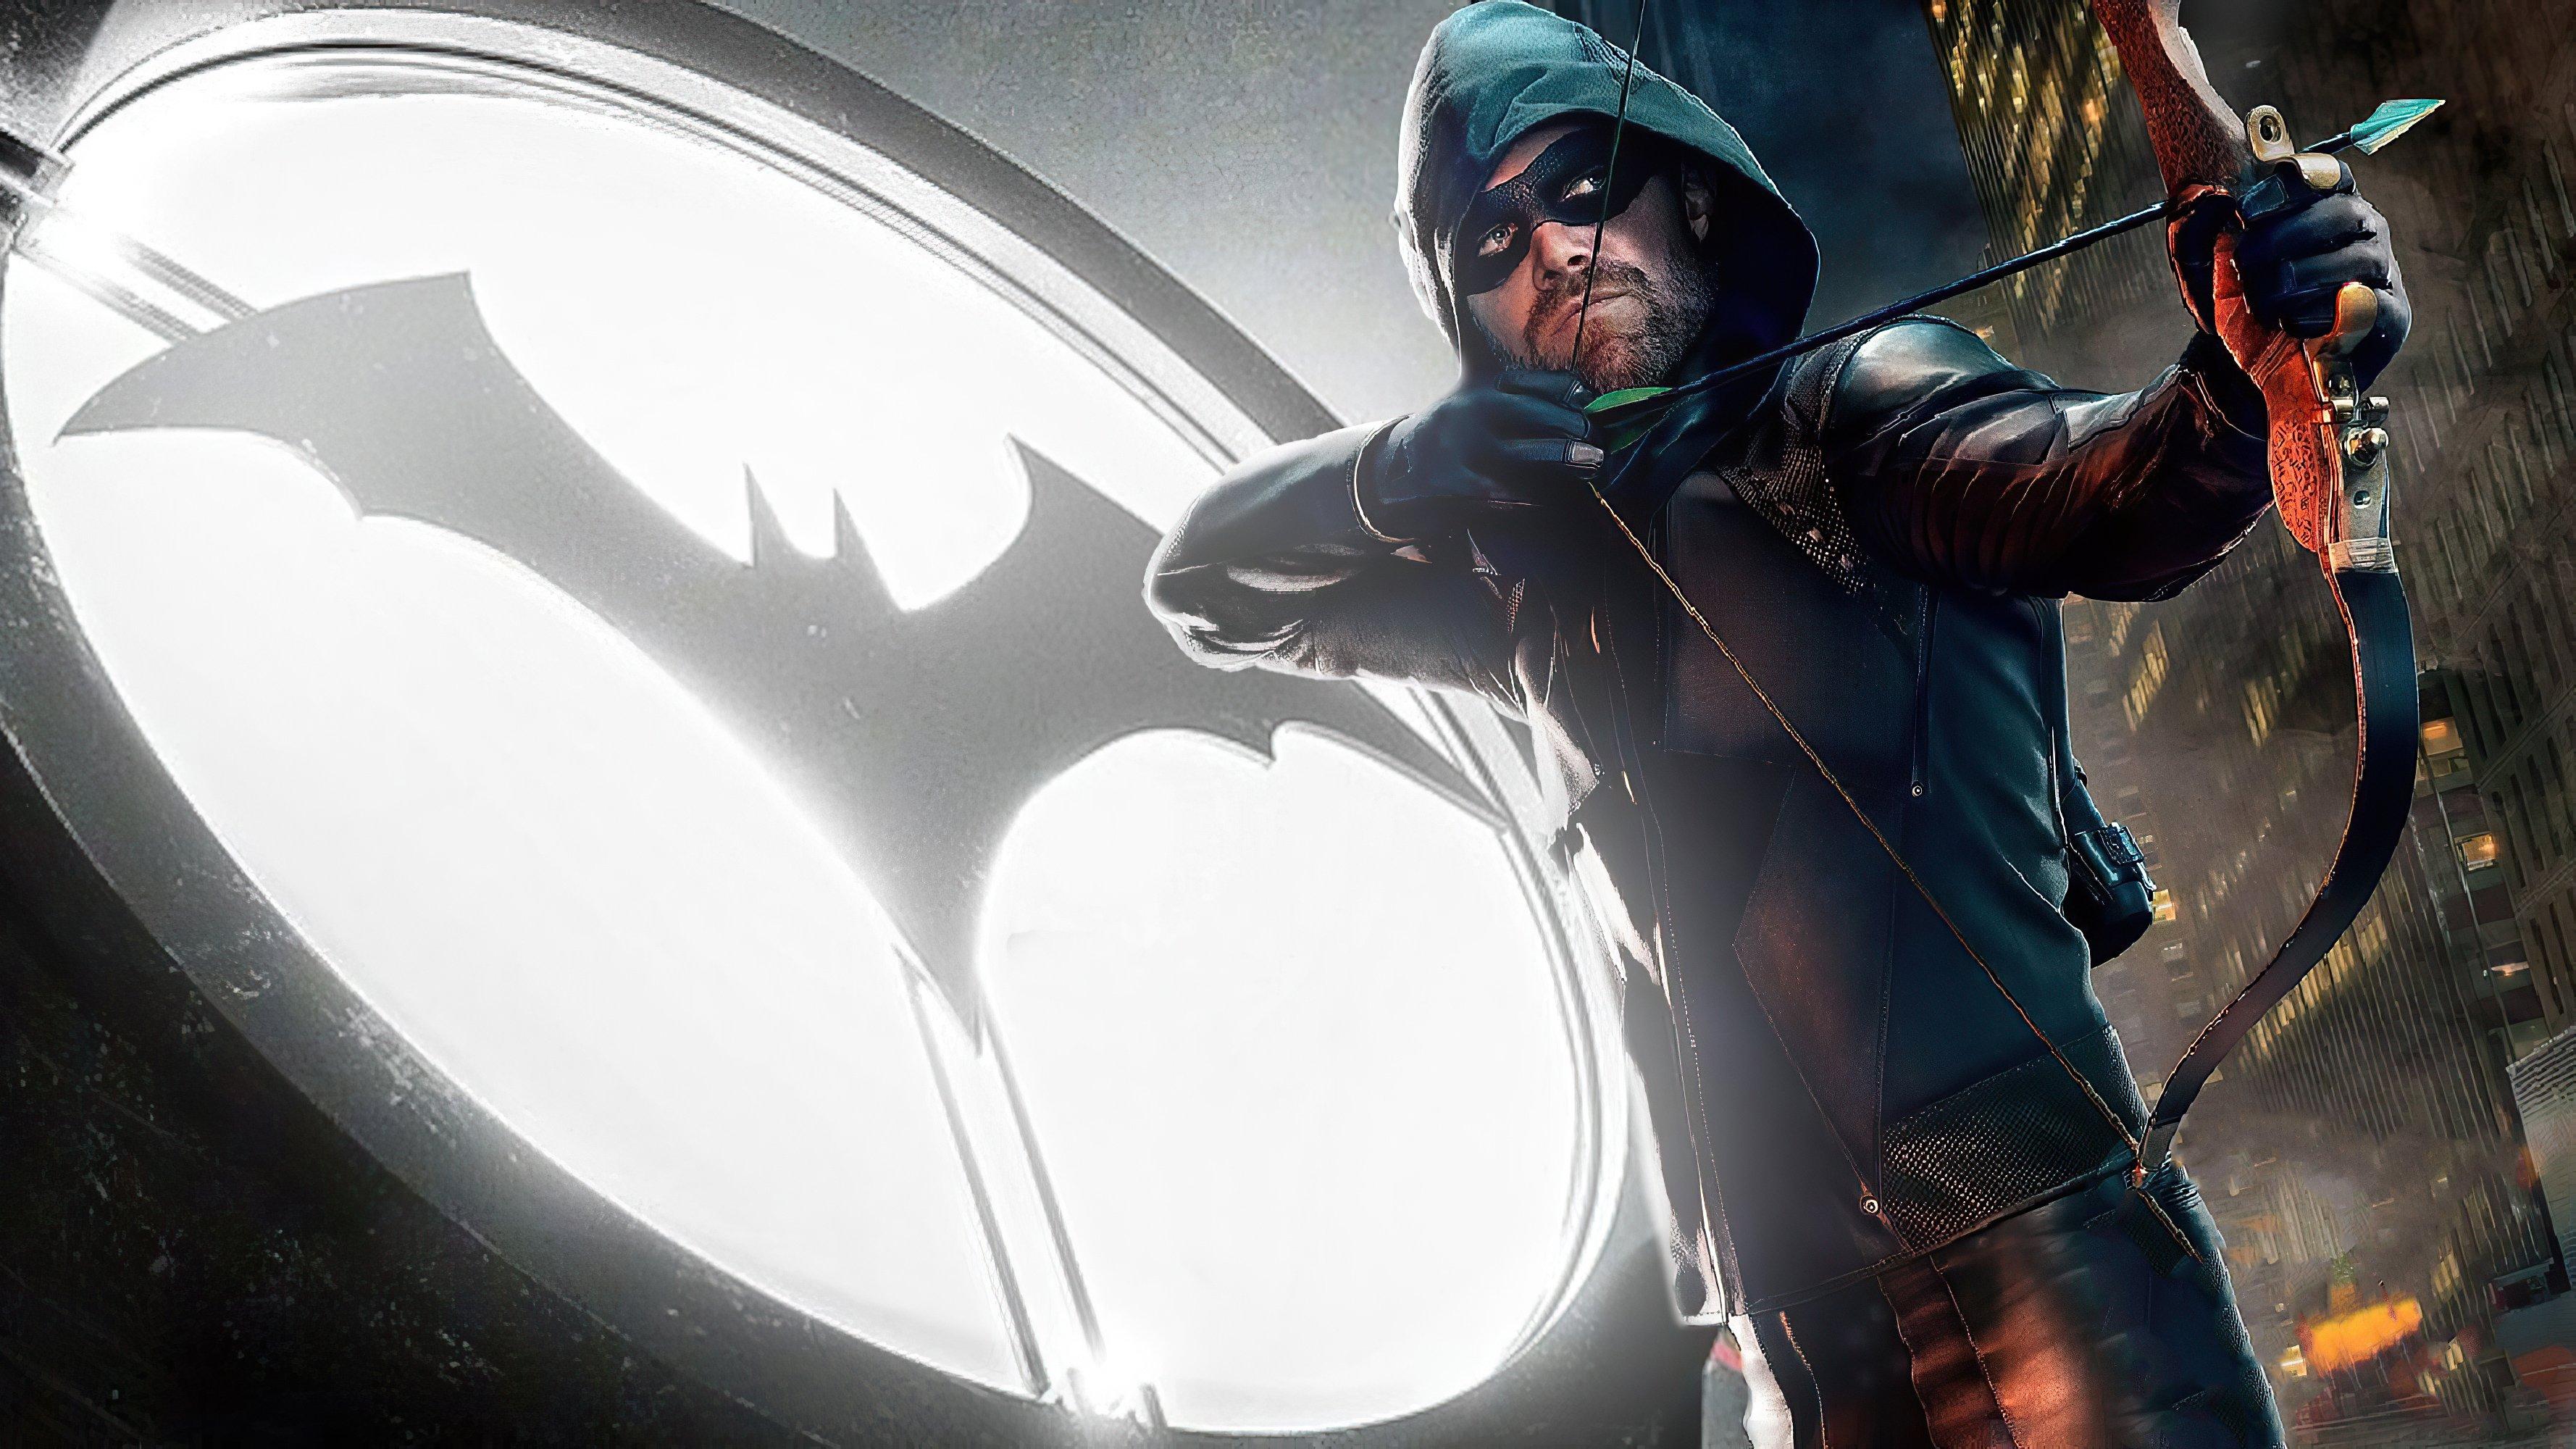 Fondos de pantalla Flecha verde con logo de Batman